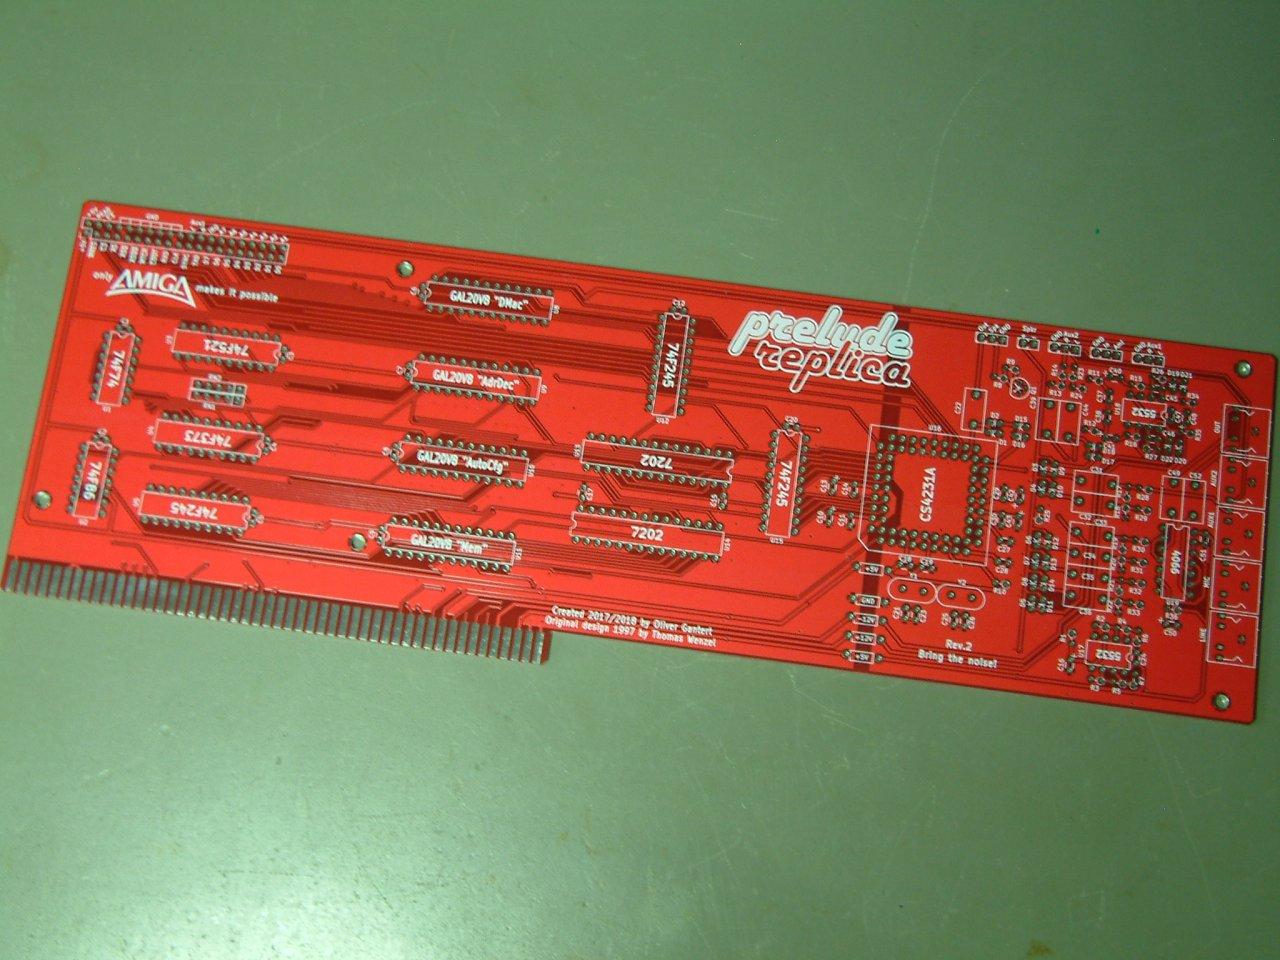 Klikněte na obrázek pro zobrazení větší verze  Název: DSCF0006.JPG Zobrazeno: 43 Velikost: 194,9 KB ID: 9885